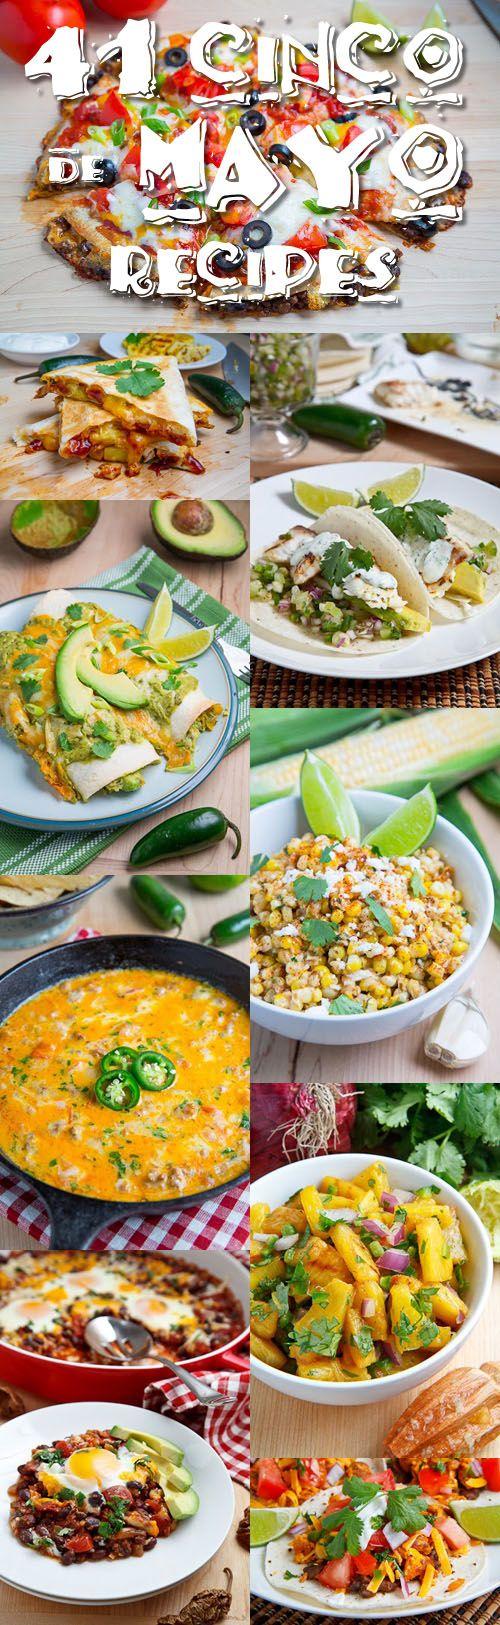 41 Recipes for Cinco de Mayo